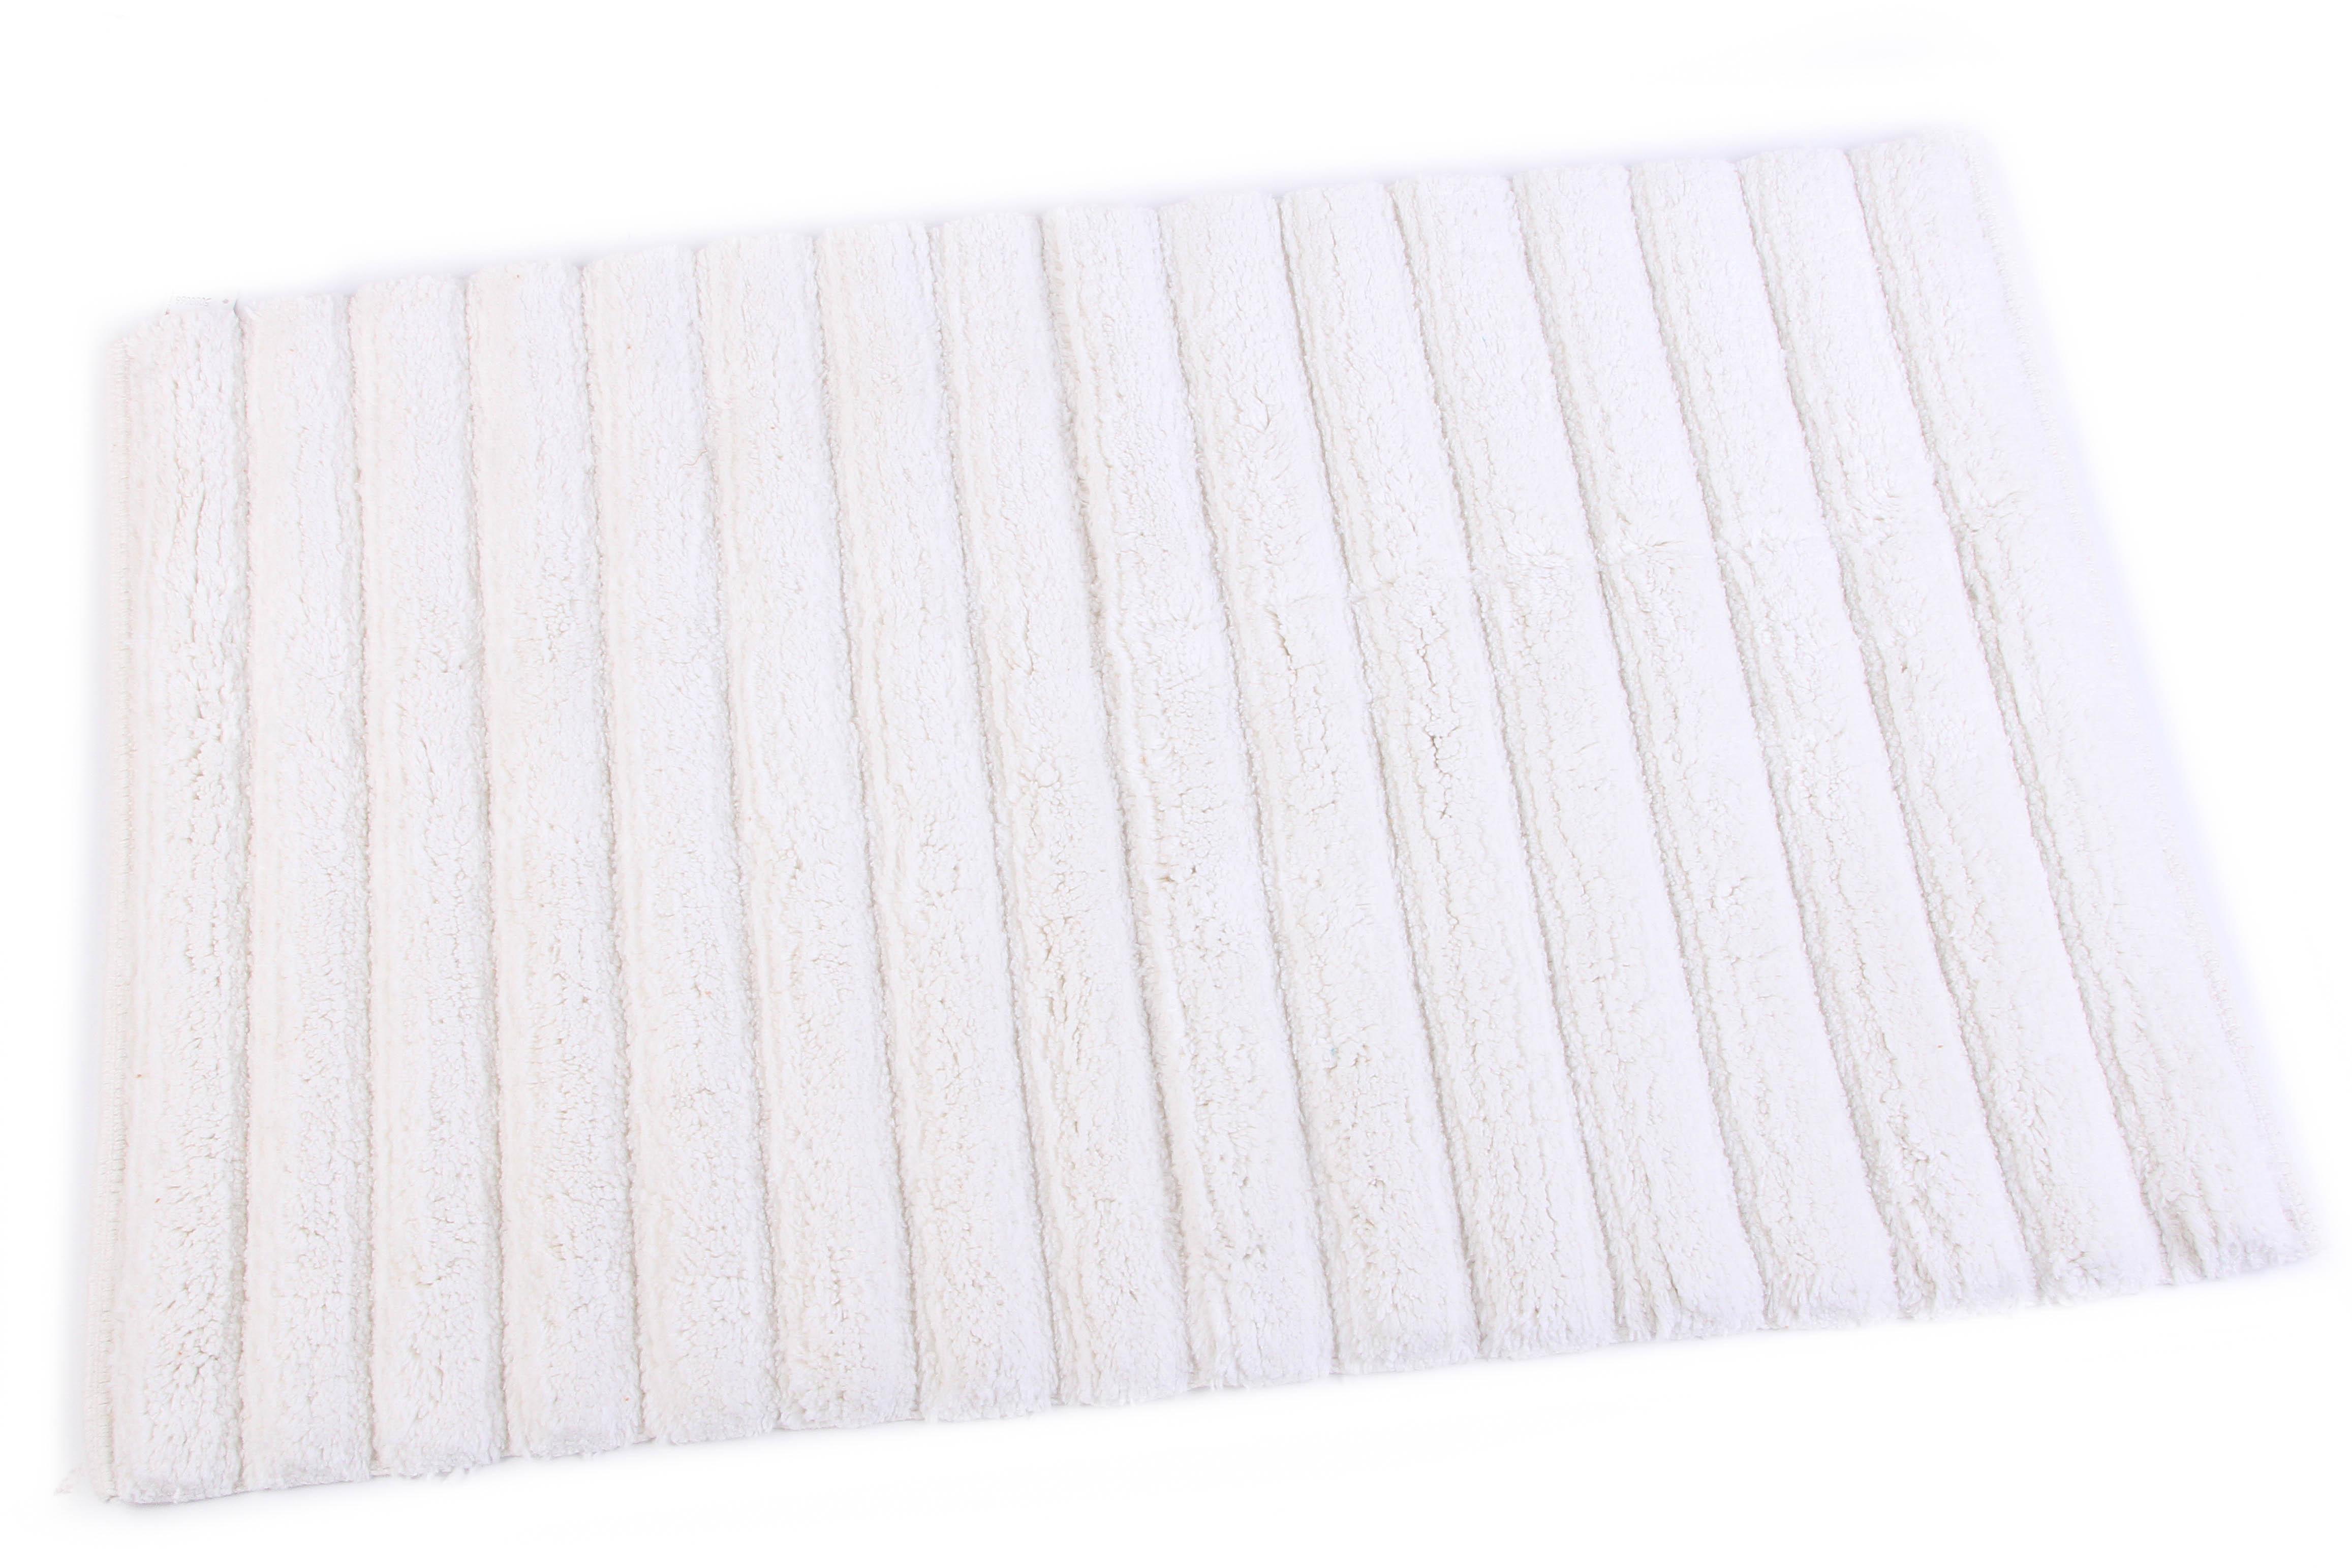 Купить Коврики для ванной и туалета Ганг, Коврик для ванной Tabitha Цвет: Белый (50х80 см), Индия, Махра